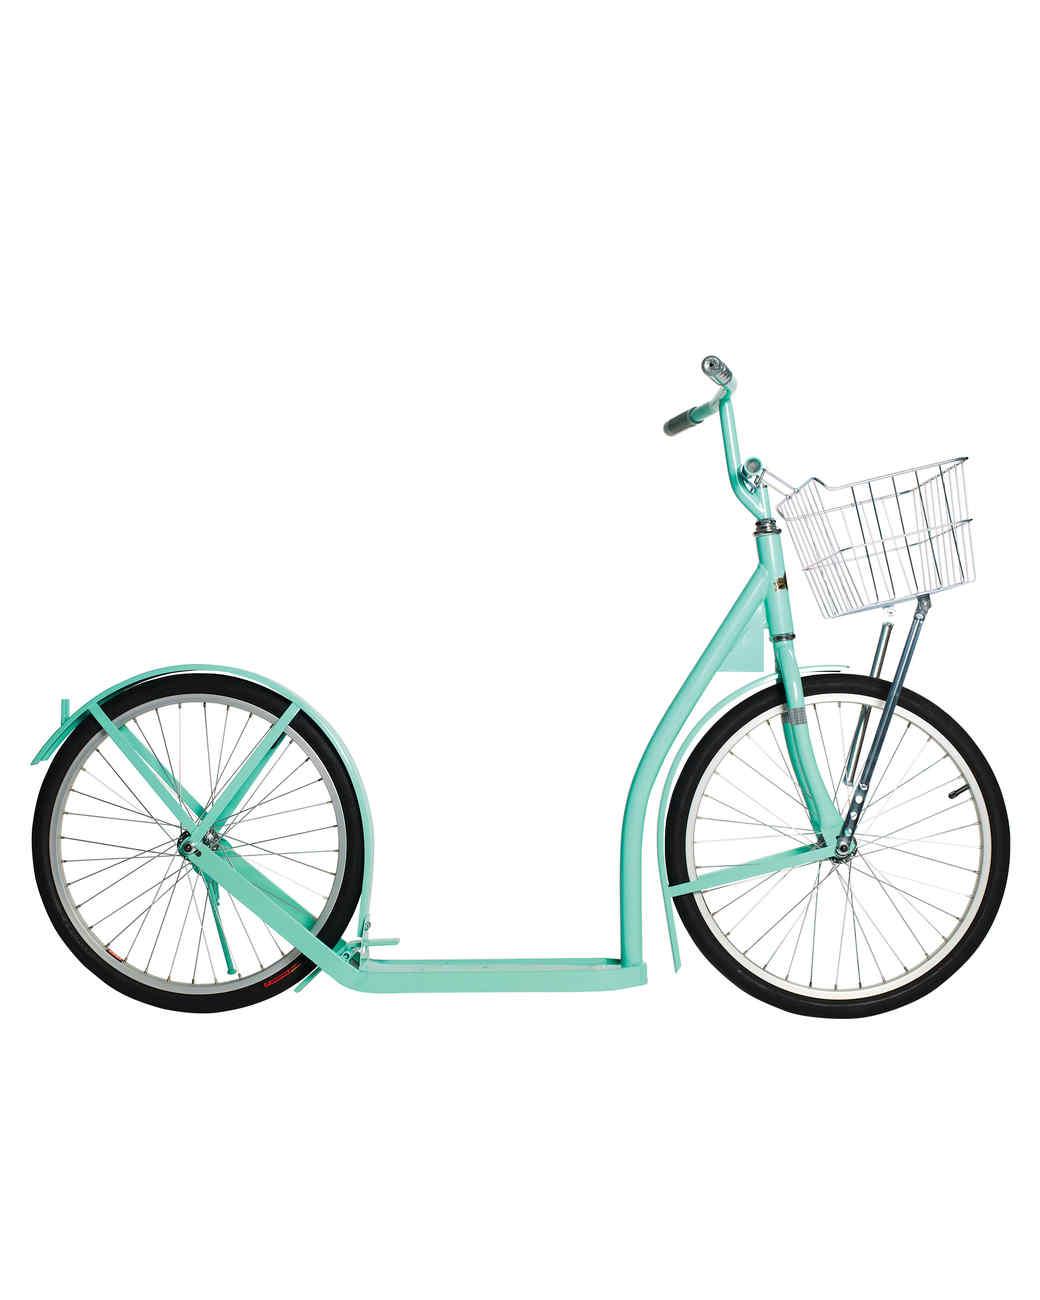 mld106502_1210_d_bike306.jpg